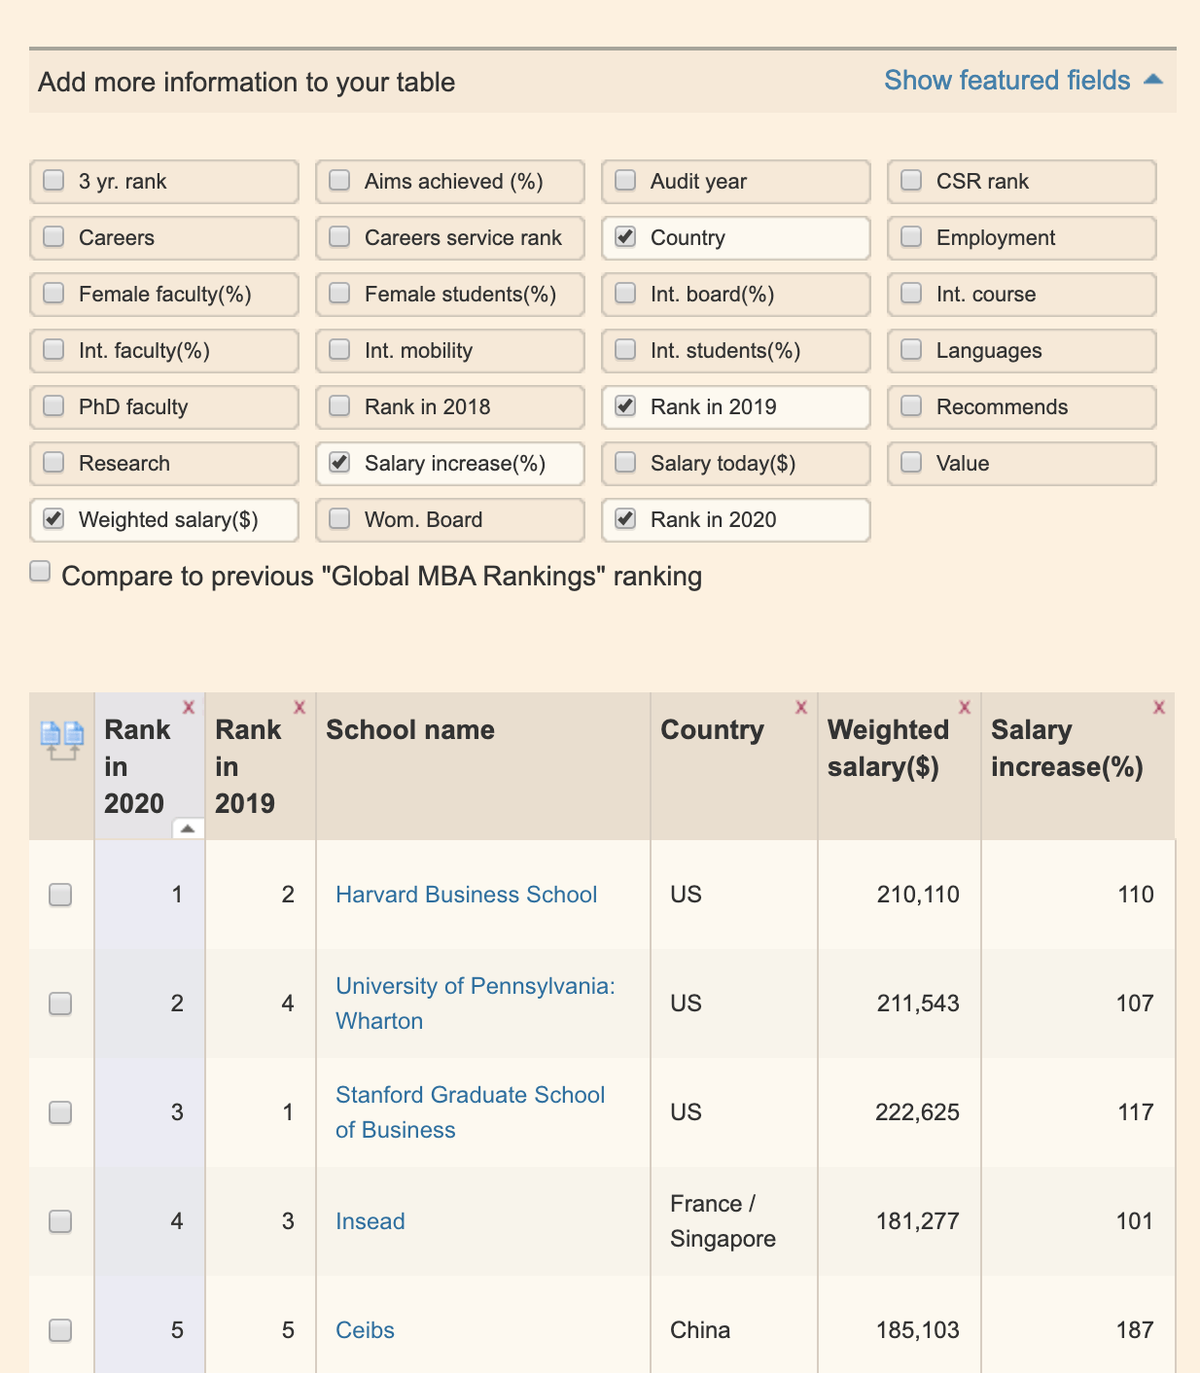 В рейтинге Financial Times можно добавить параметры, которые интересуют лично вас: язык преподавания, количество женщин-студенток, изменение рейтинга школы в последние годы